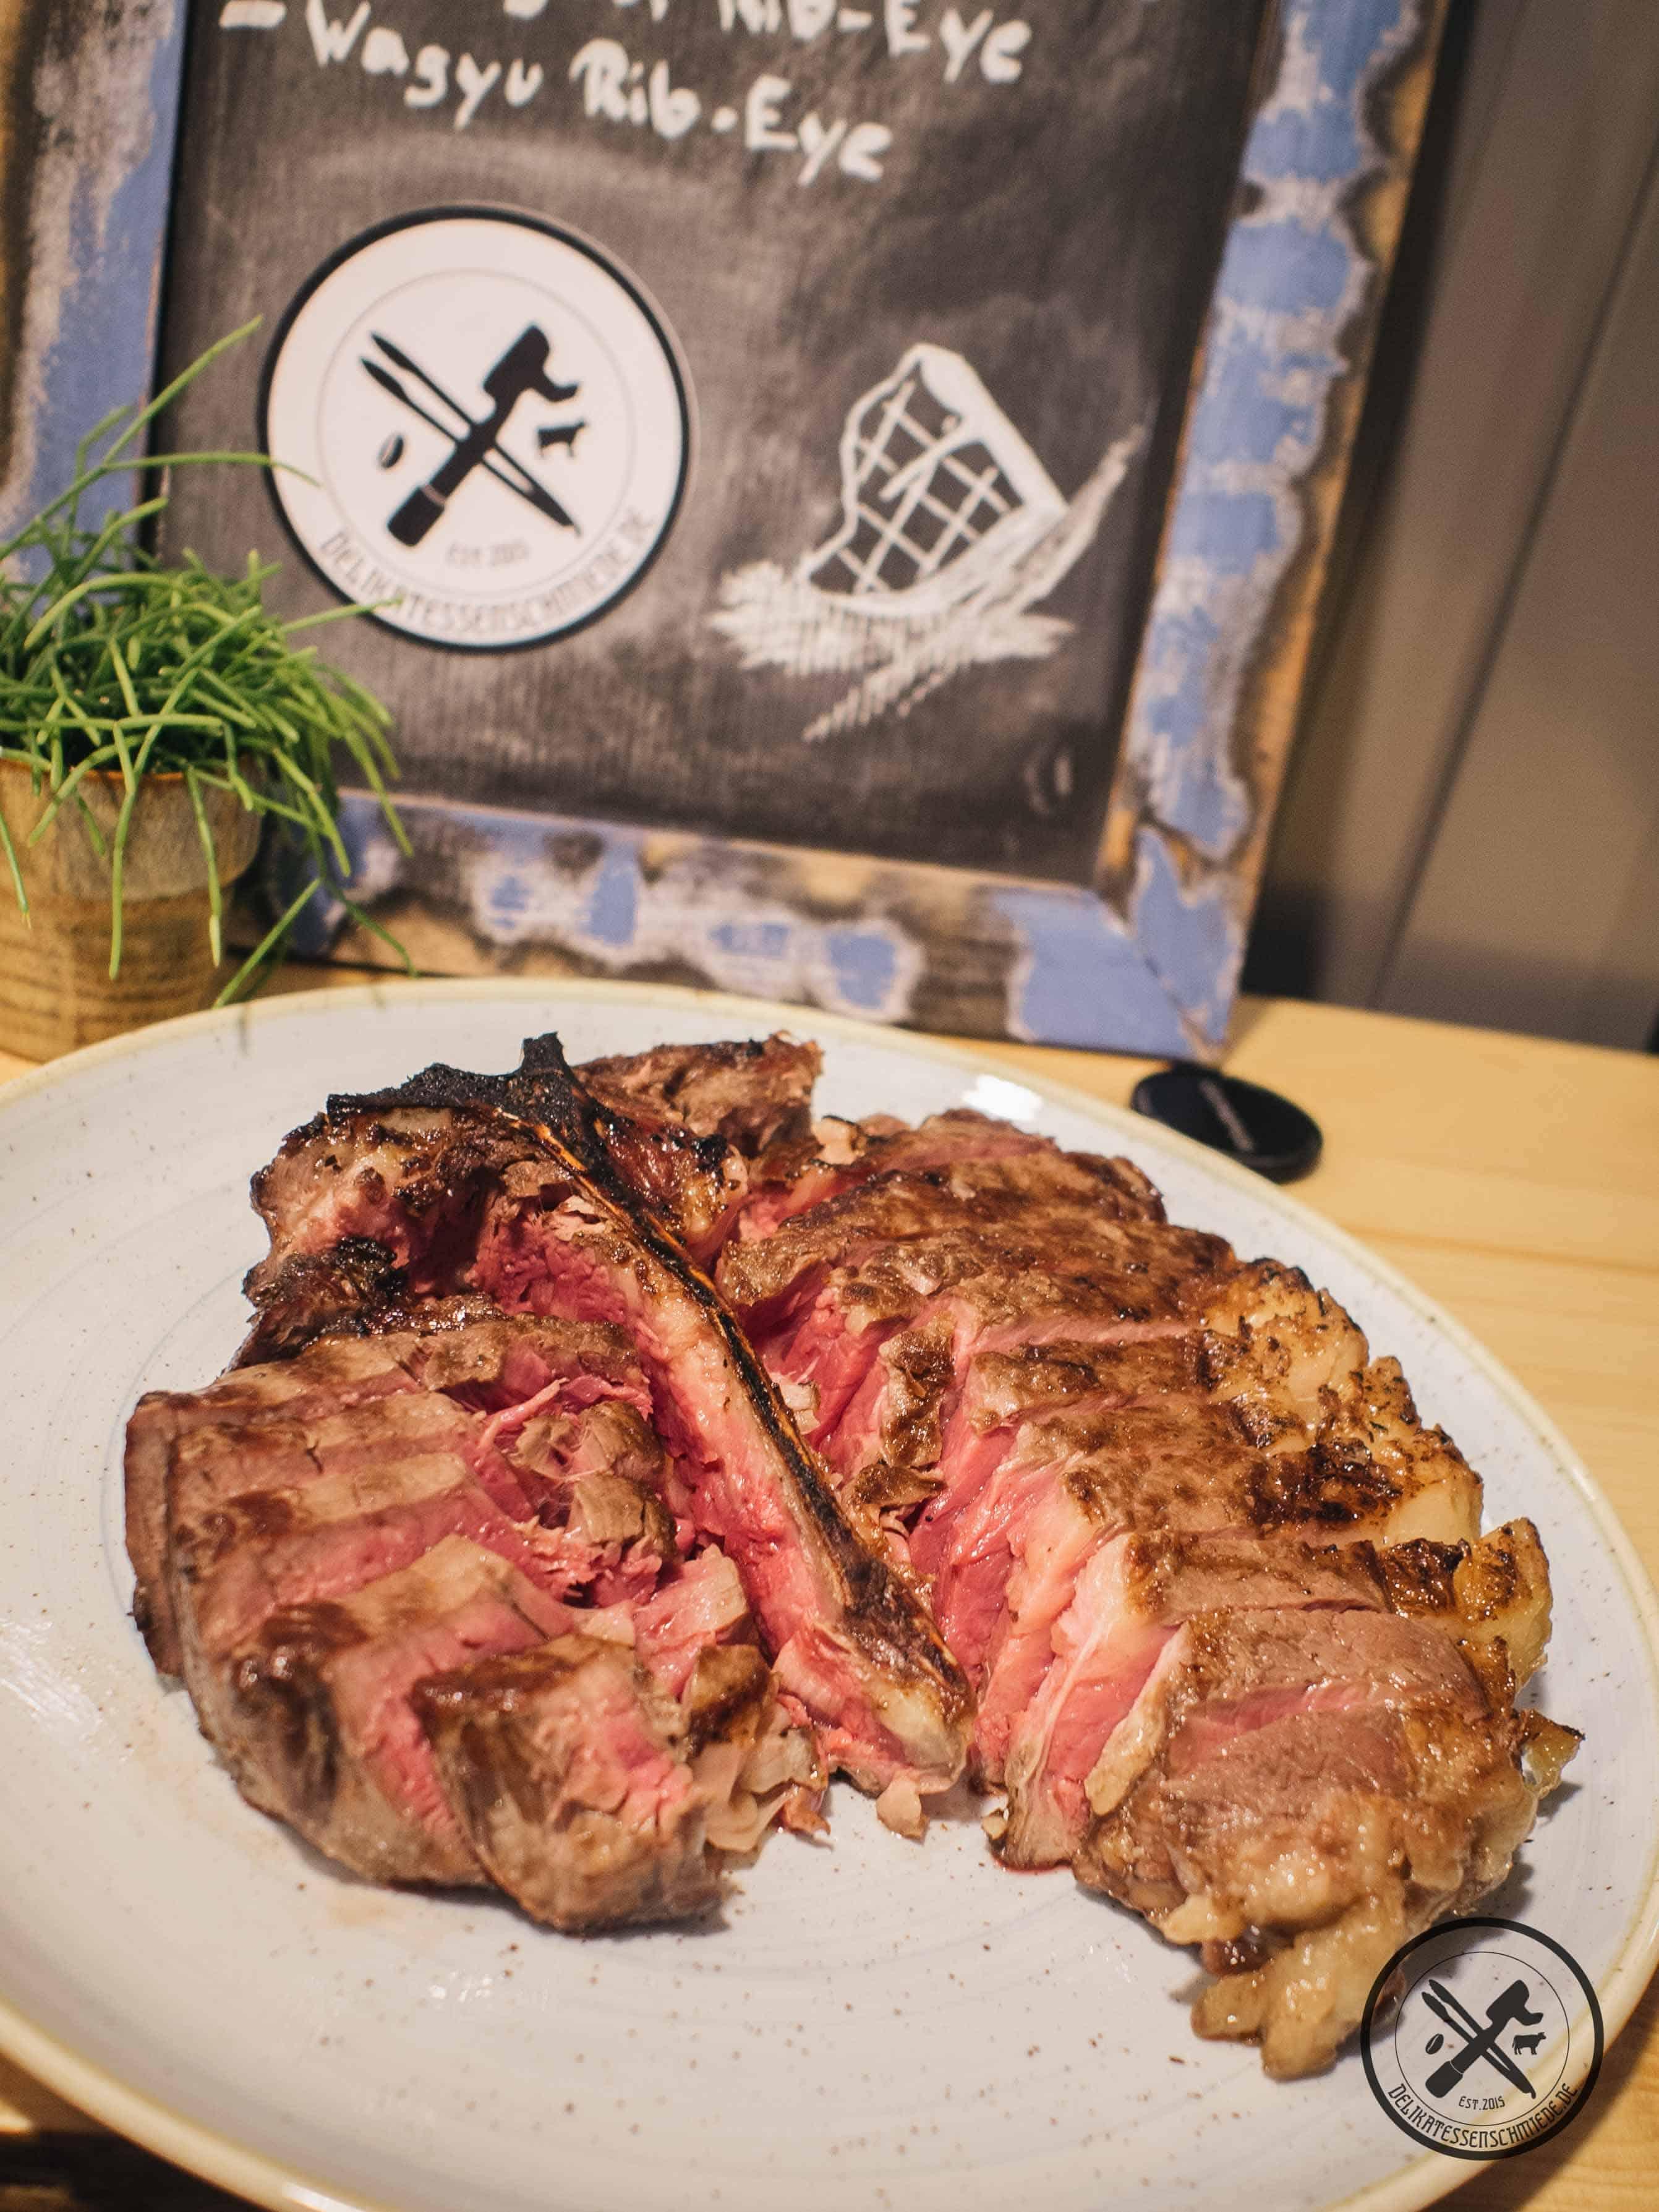 After_work_Steak-3